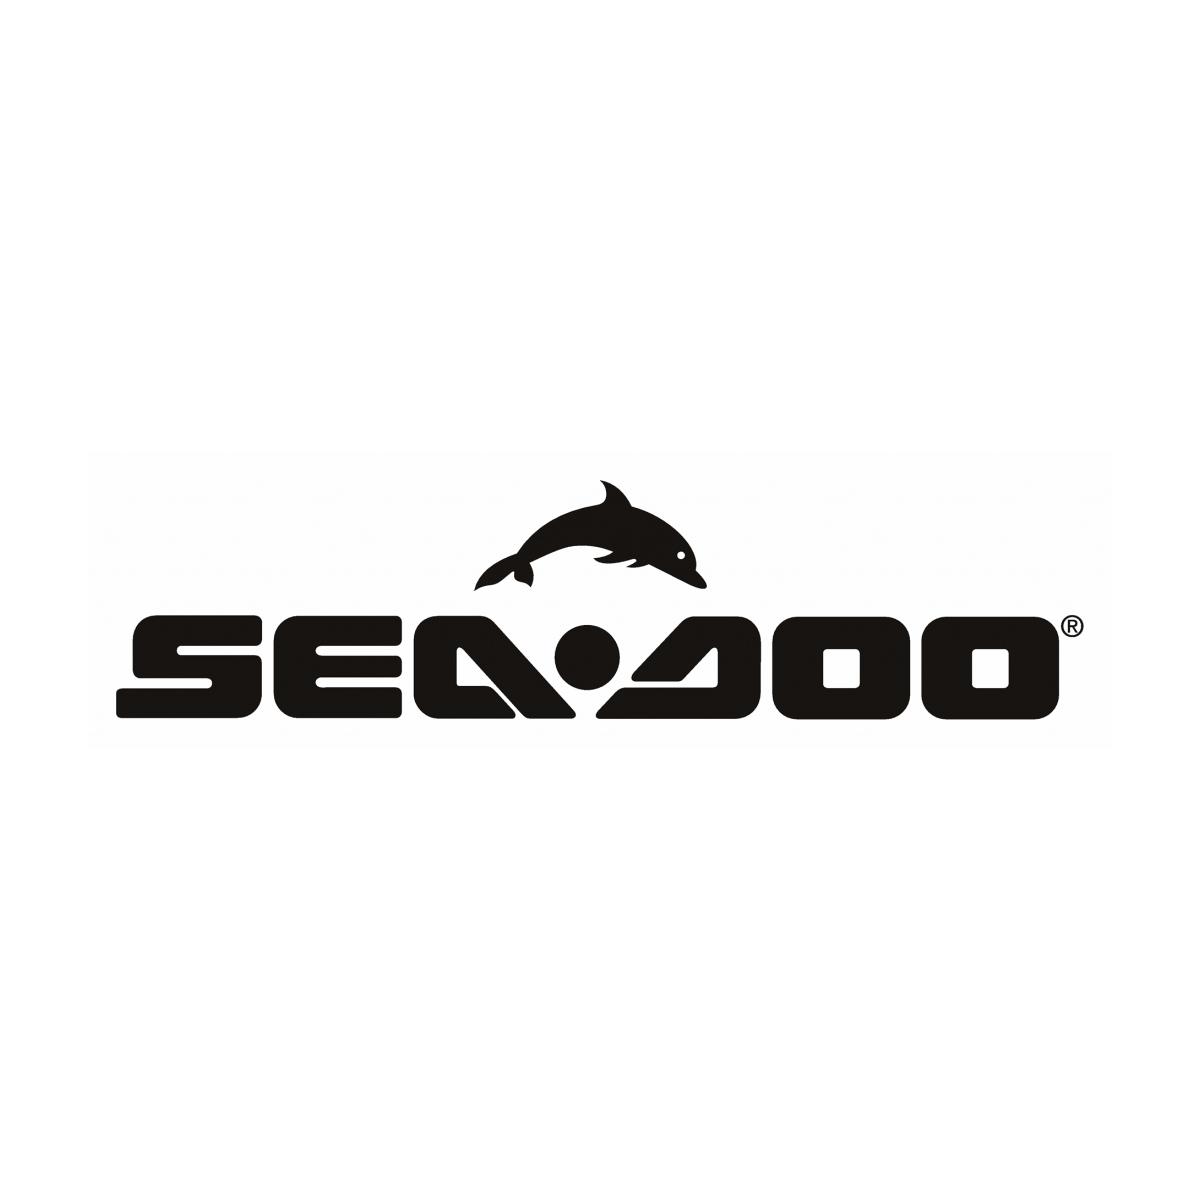 Bronzina do Virabrequim para Jet Ski Sea Doo 4 TEC Sob Medida 0.5 Wsm (Par)  - Radical Peças - Peças para Jet Ski